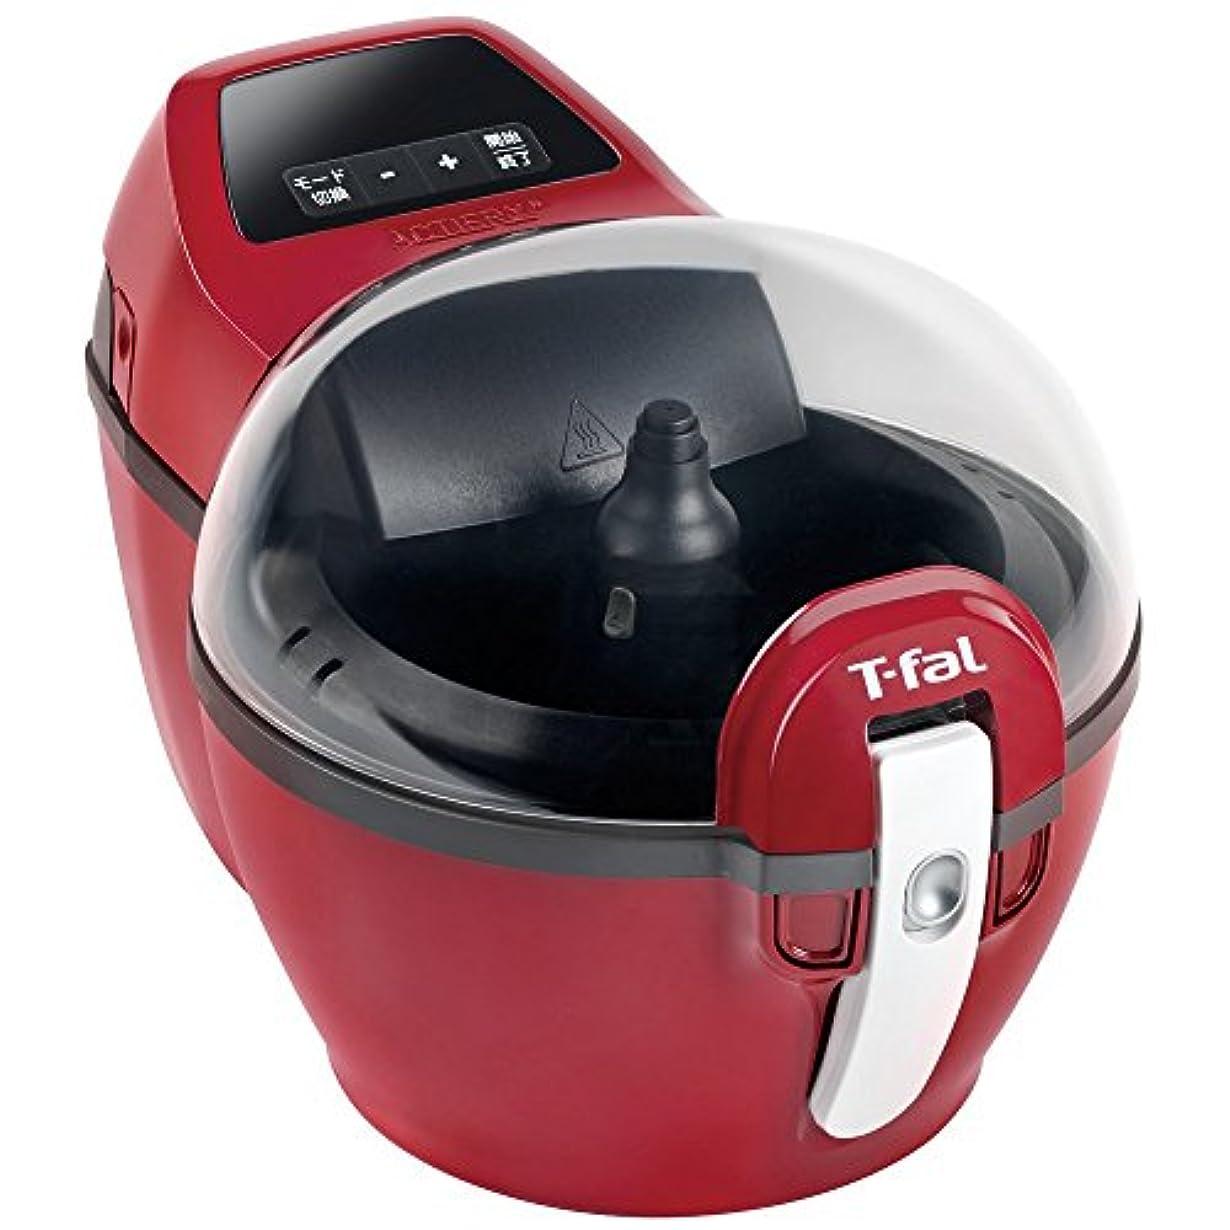 ティファール 電気フライヤー アクティフライ  揚げ物 炒め物 煮込み レッド 調理家電 FZ205588